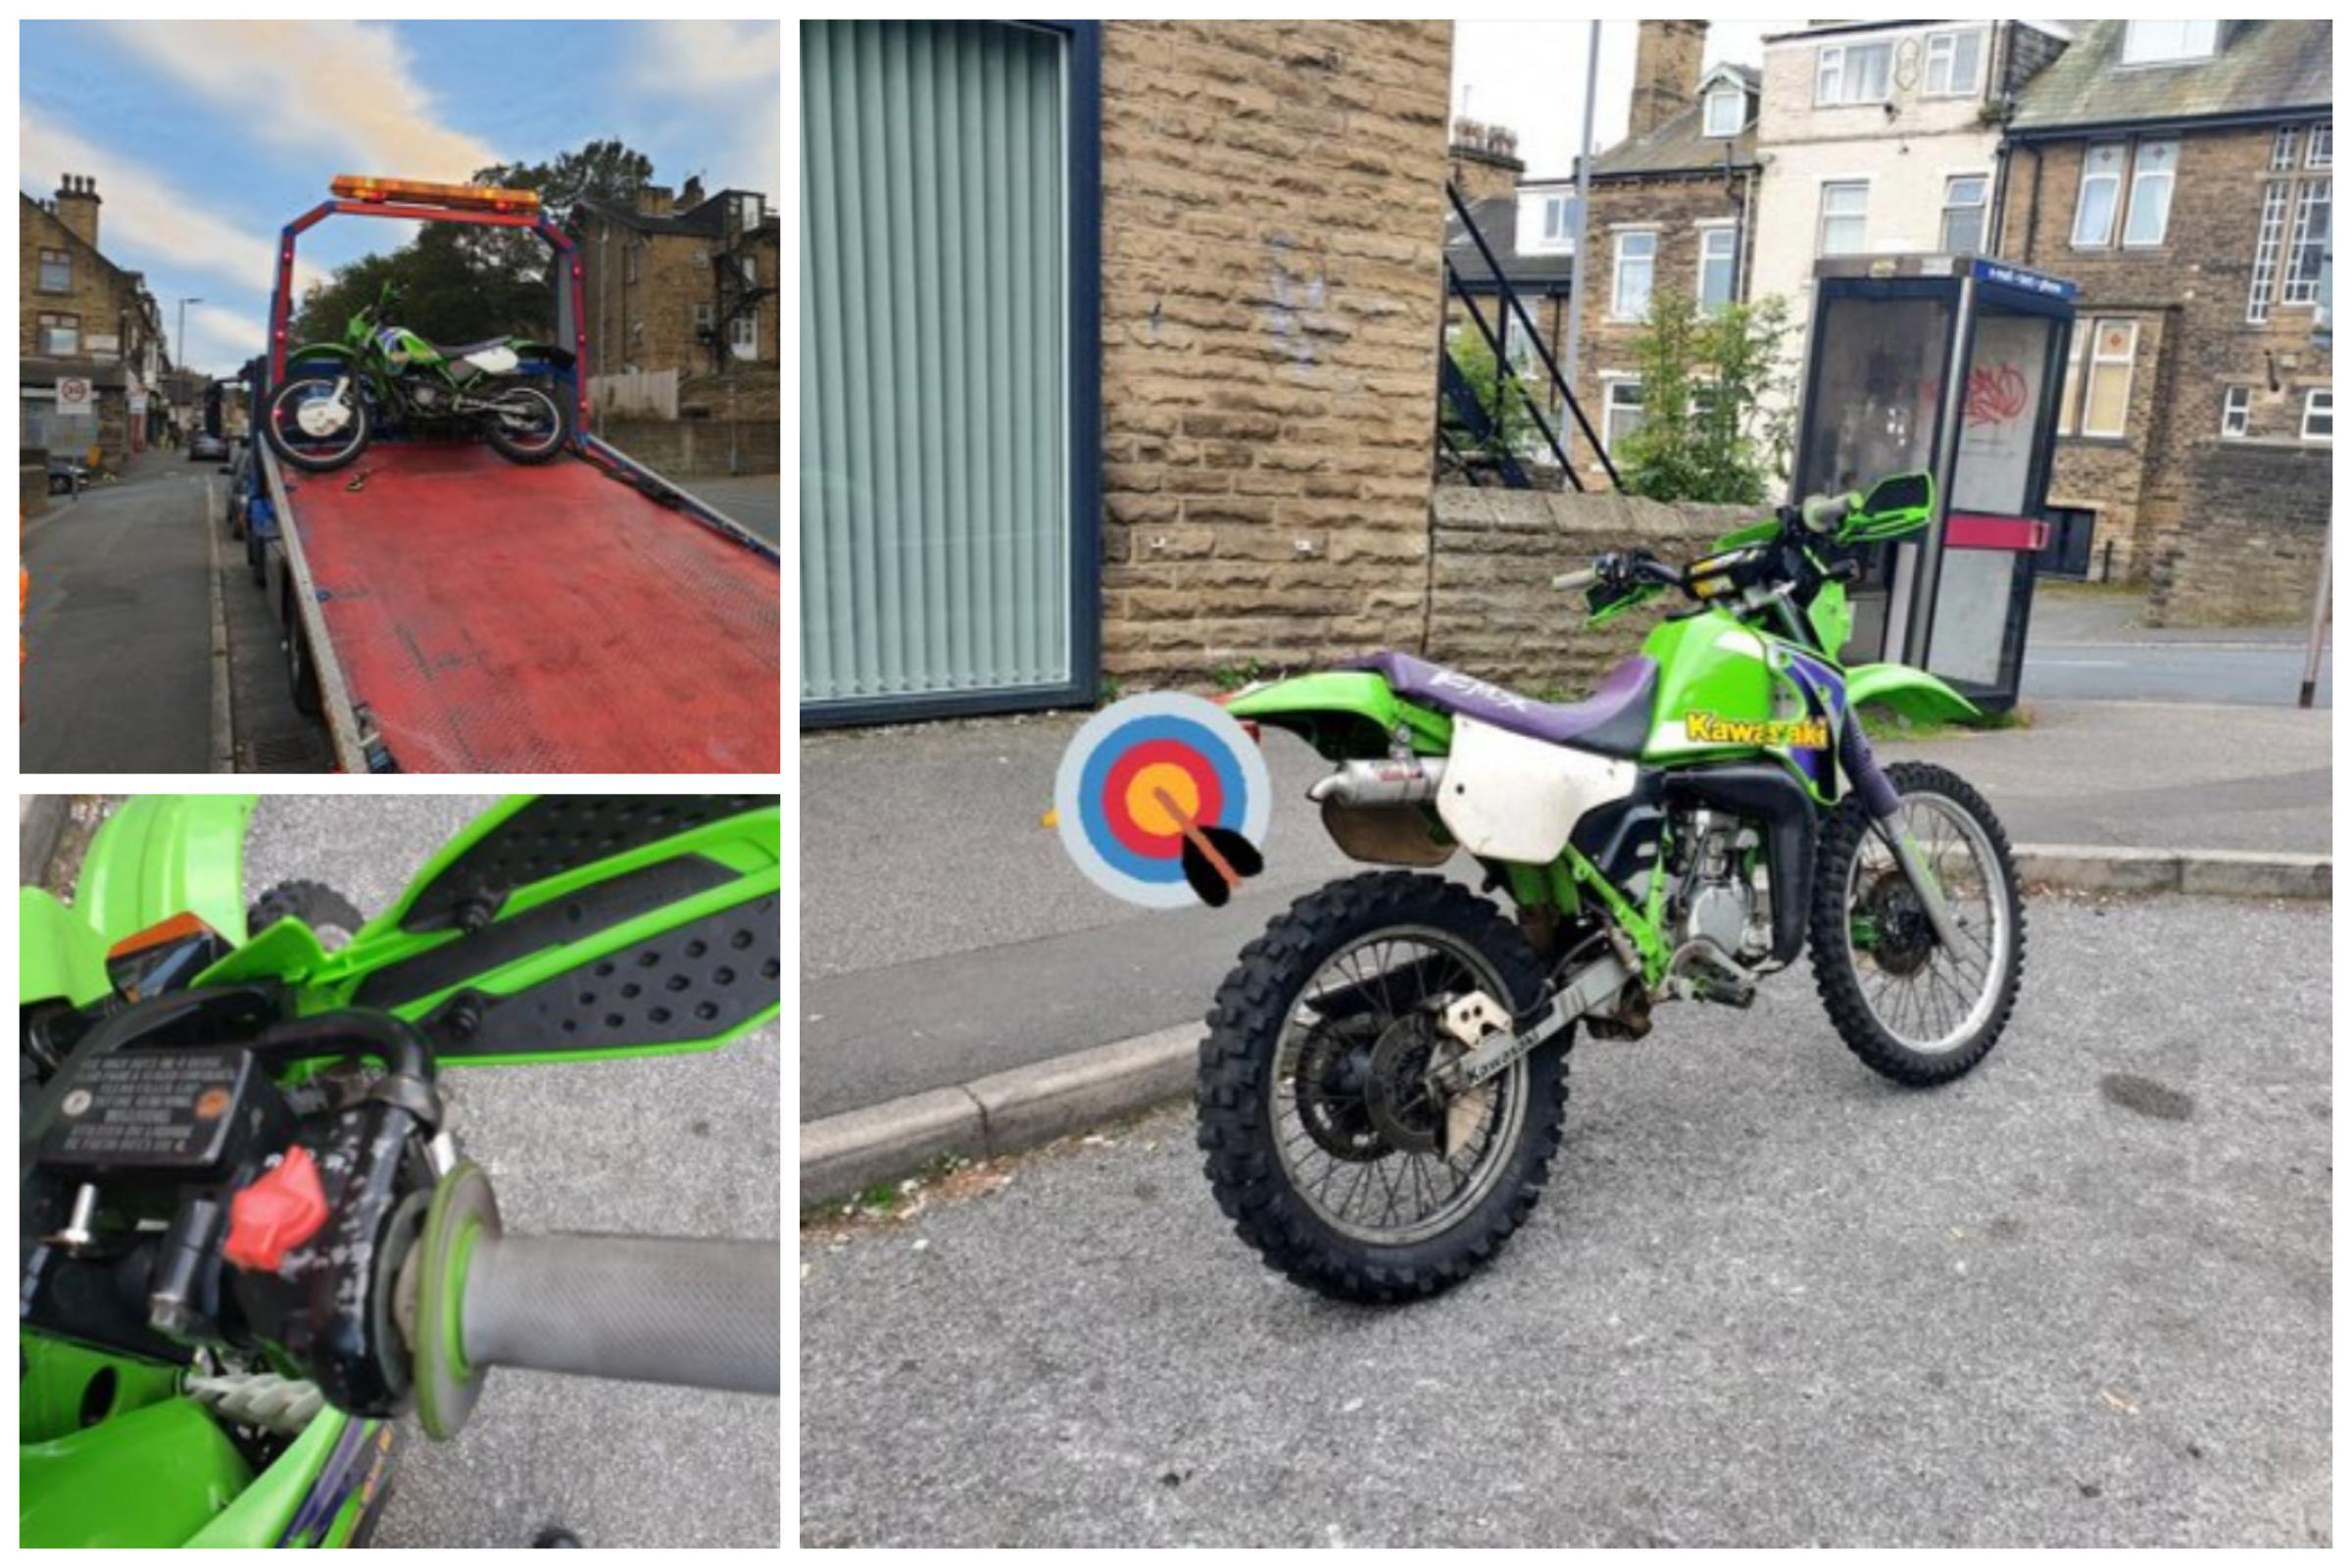 Police stop bike in Bradford